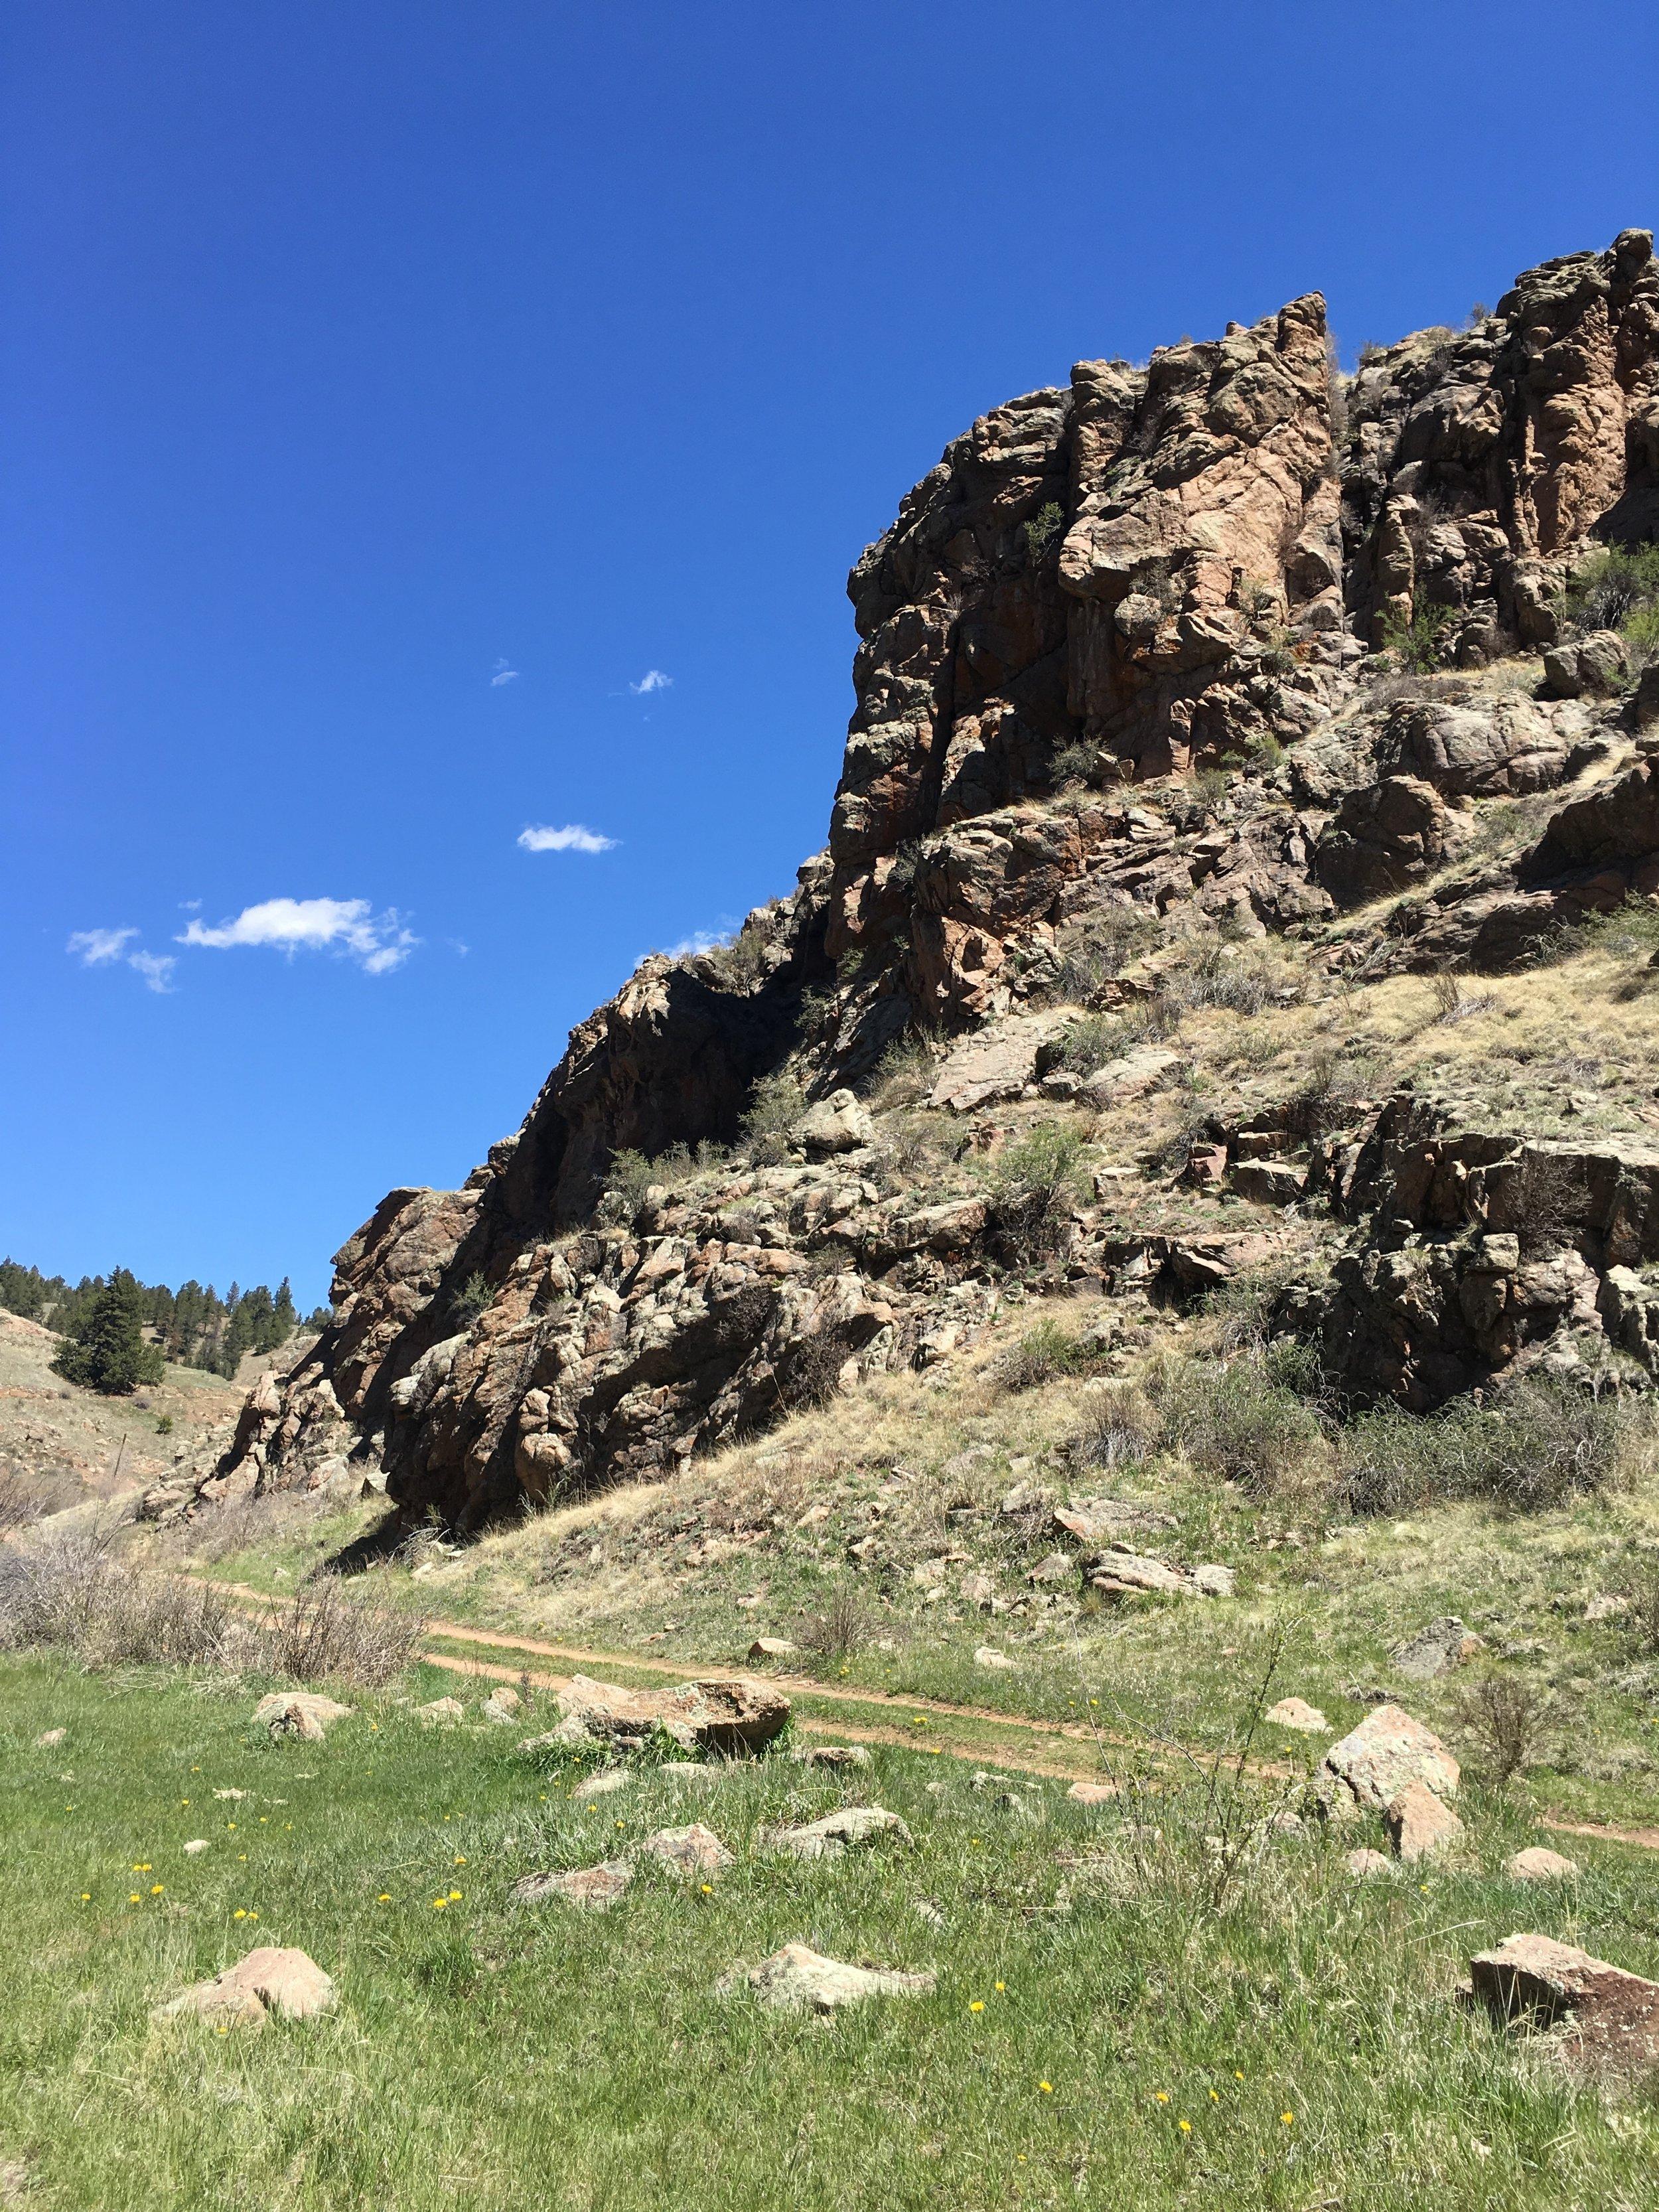 Sample Rock Formation!